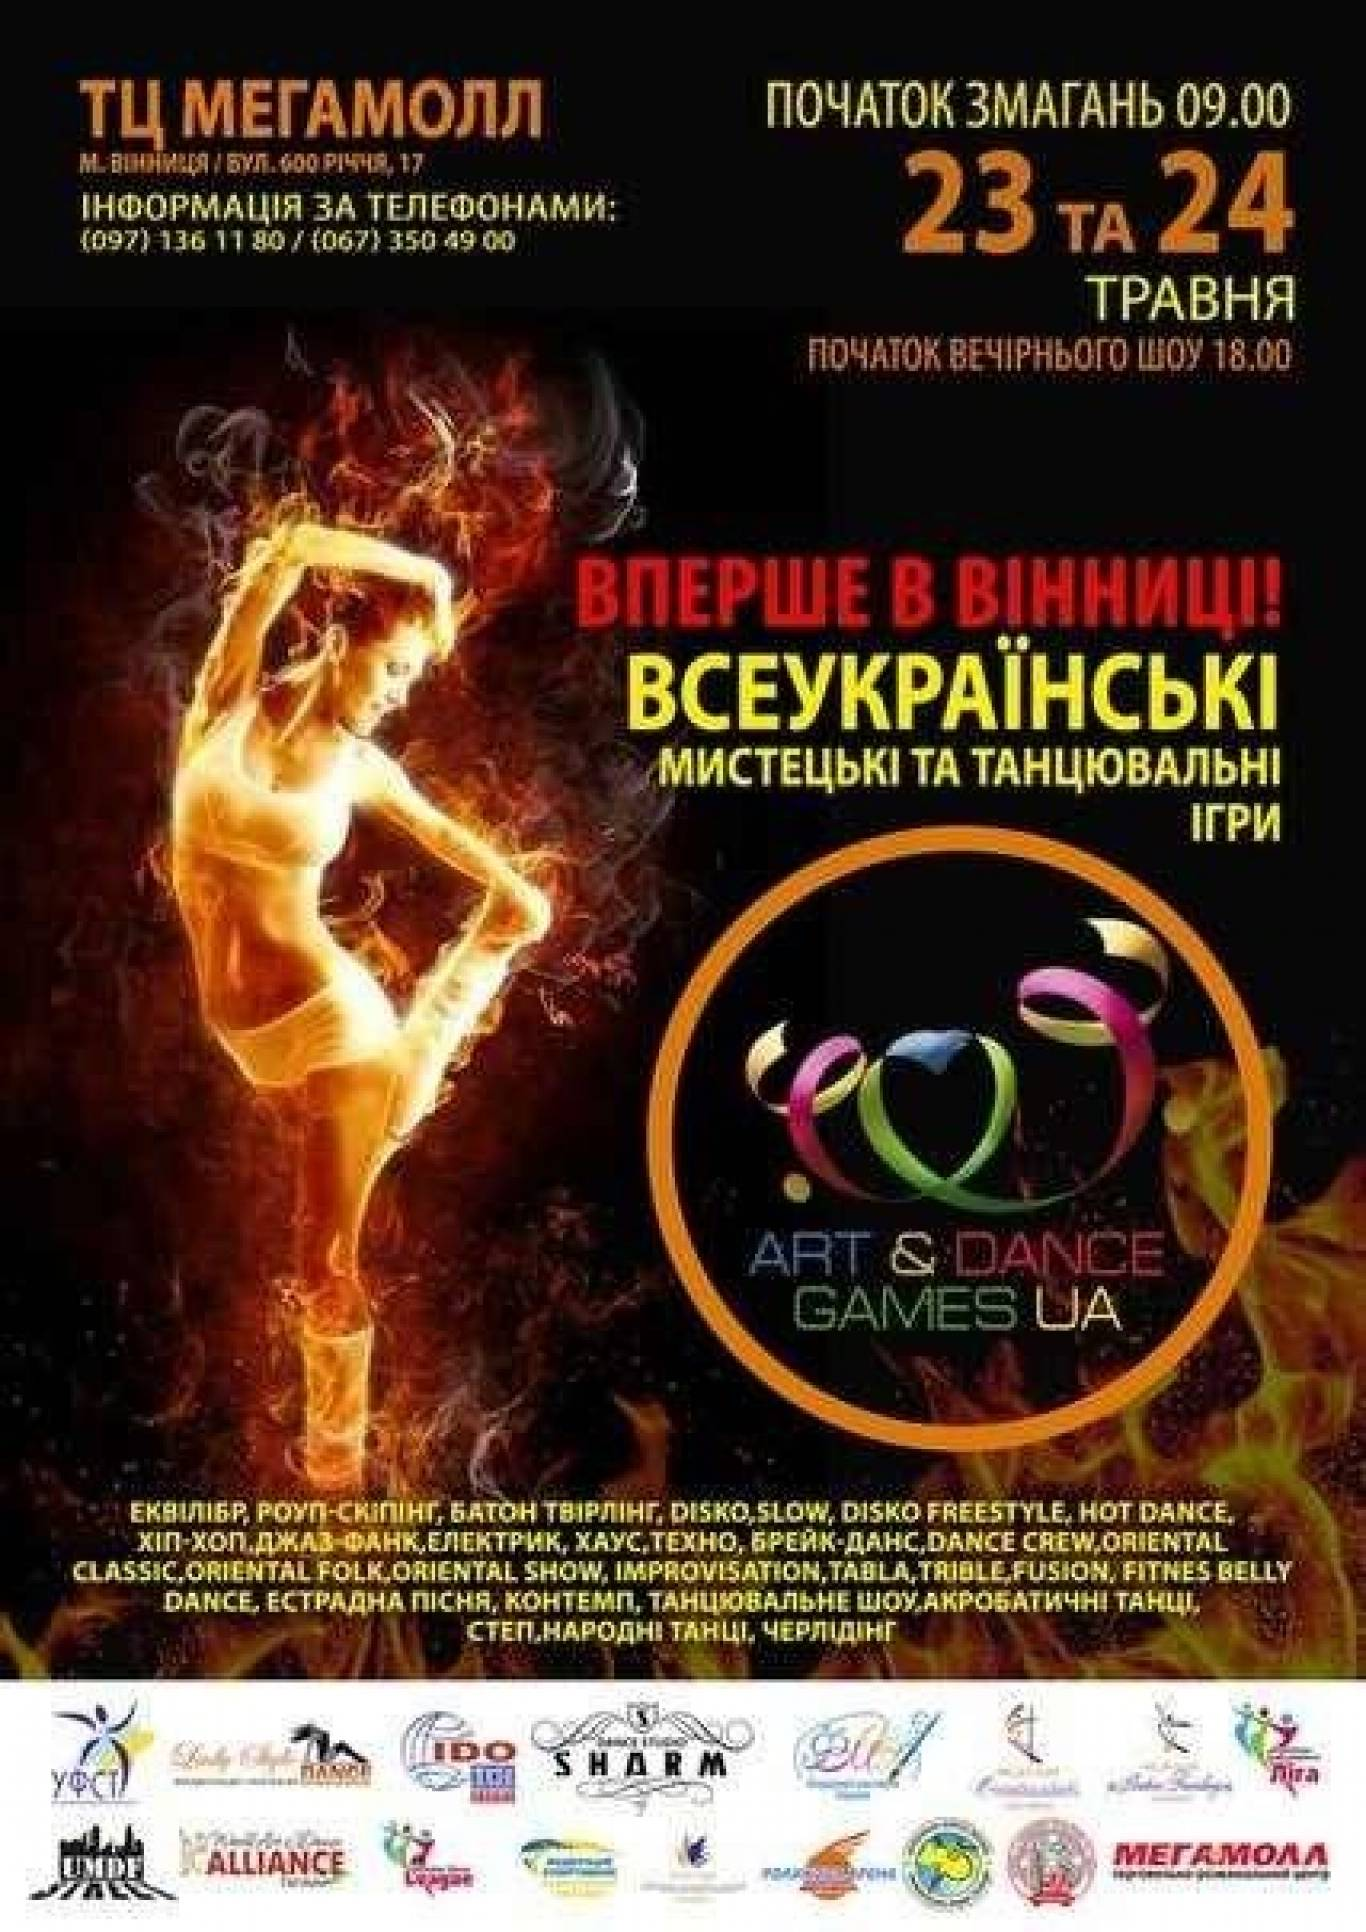 Танцювальні ігри «Art &Dance Game Ua»